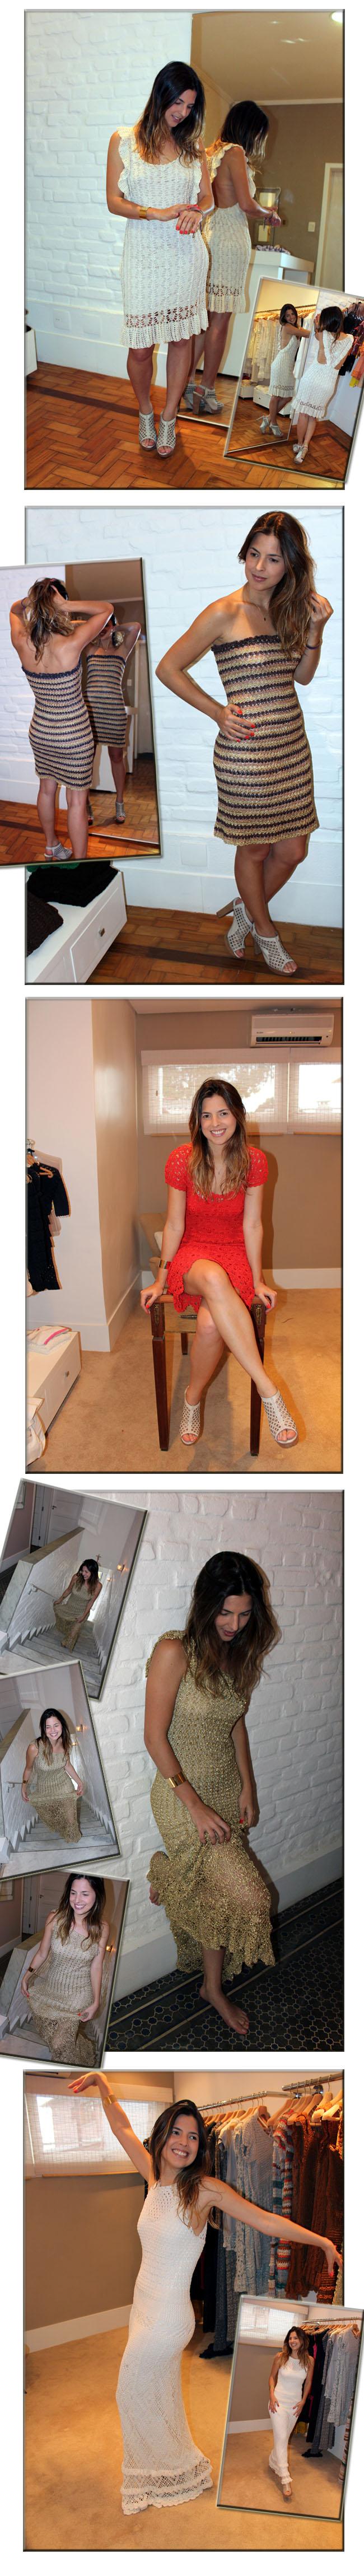 Giovana Crochet, crochet, vestido de crochet, vestido vermelho, vestido dourado, vestido de reveillon, vestido de festa, verão, dicas de presente, dicas de natal, roupa para o natal